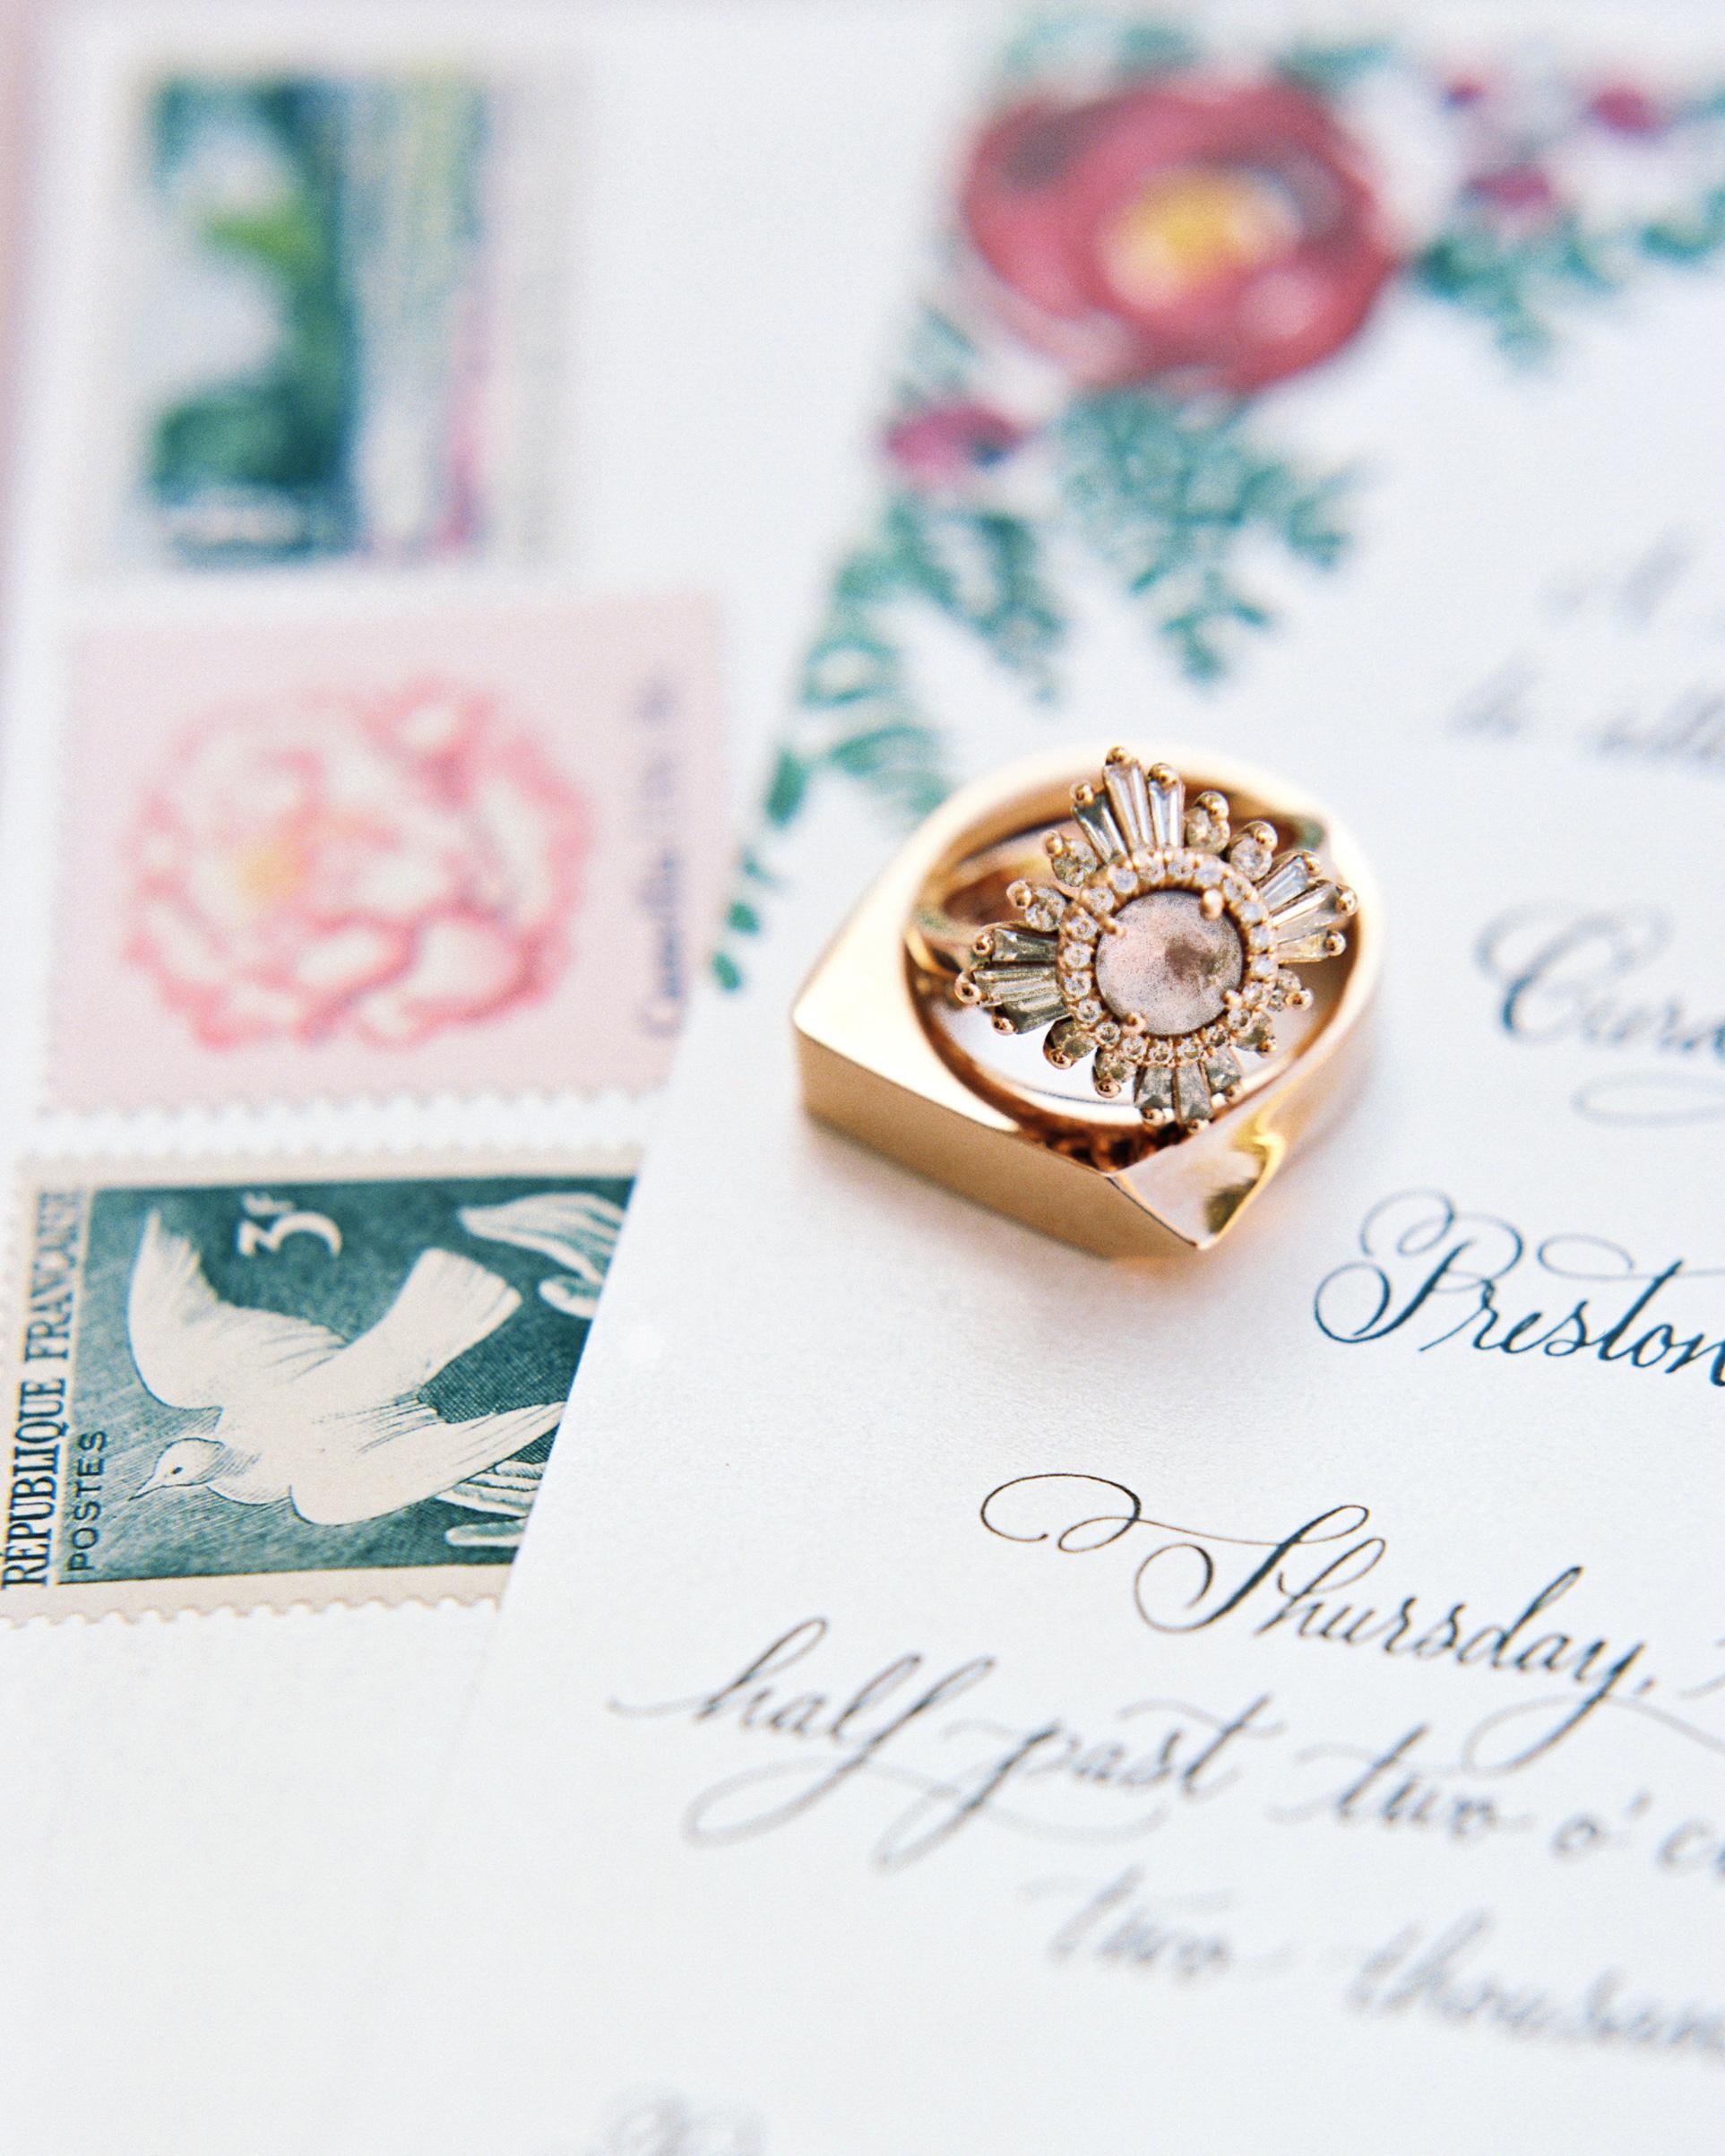 ciera preston wedding rings